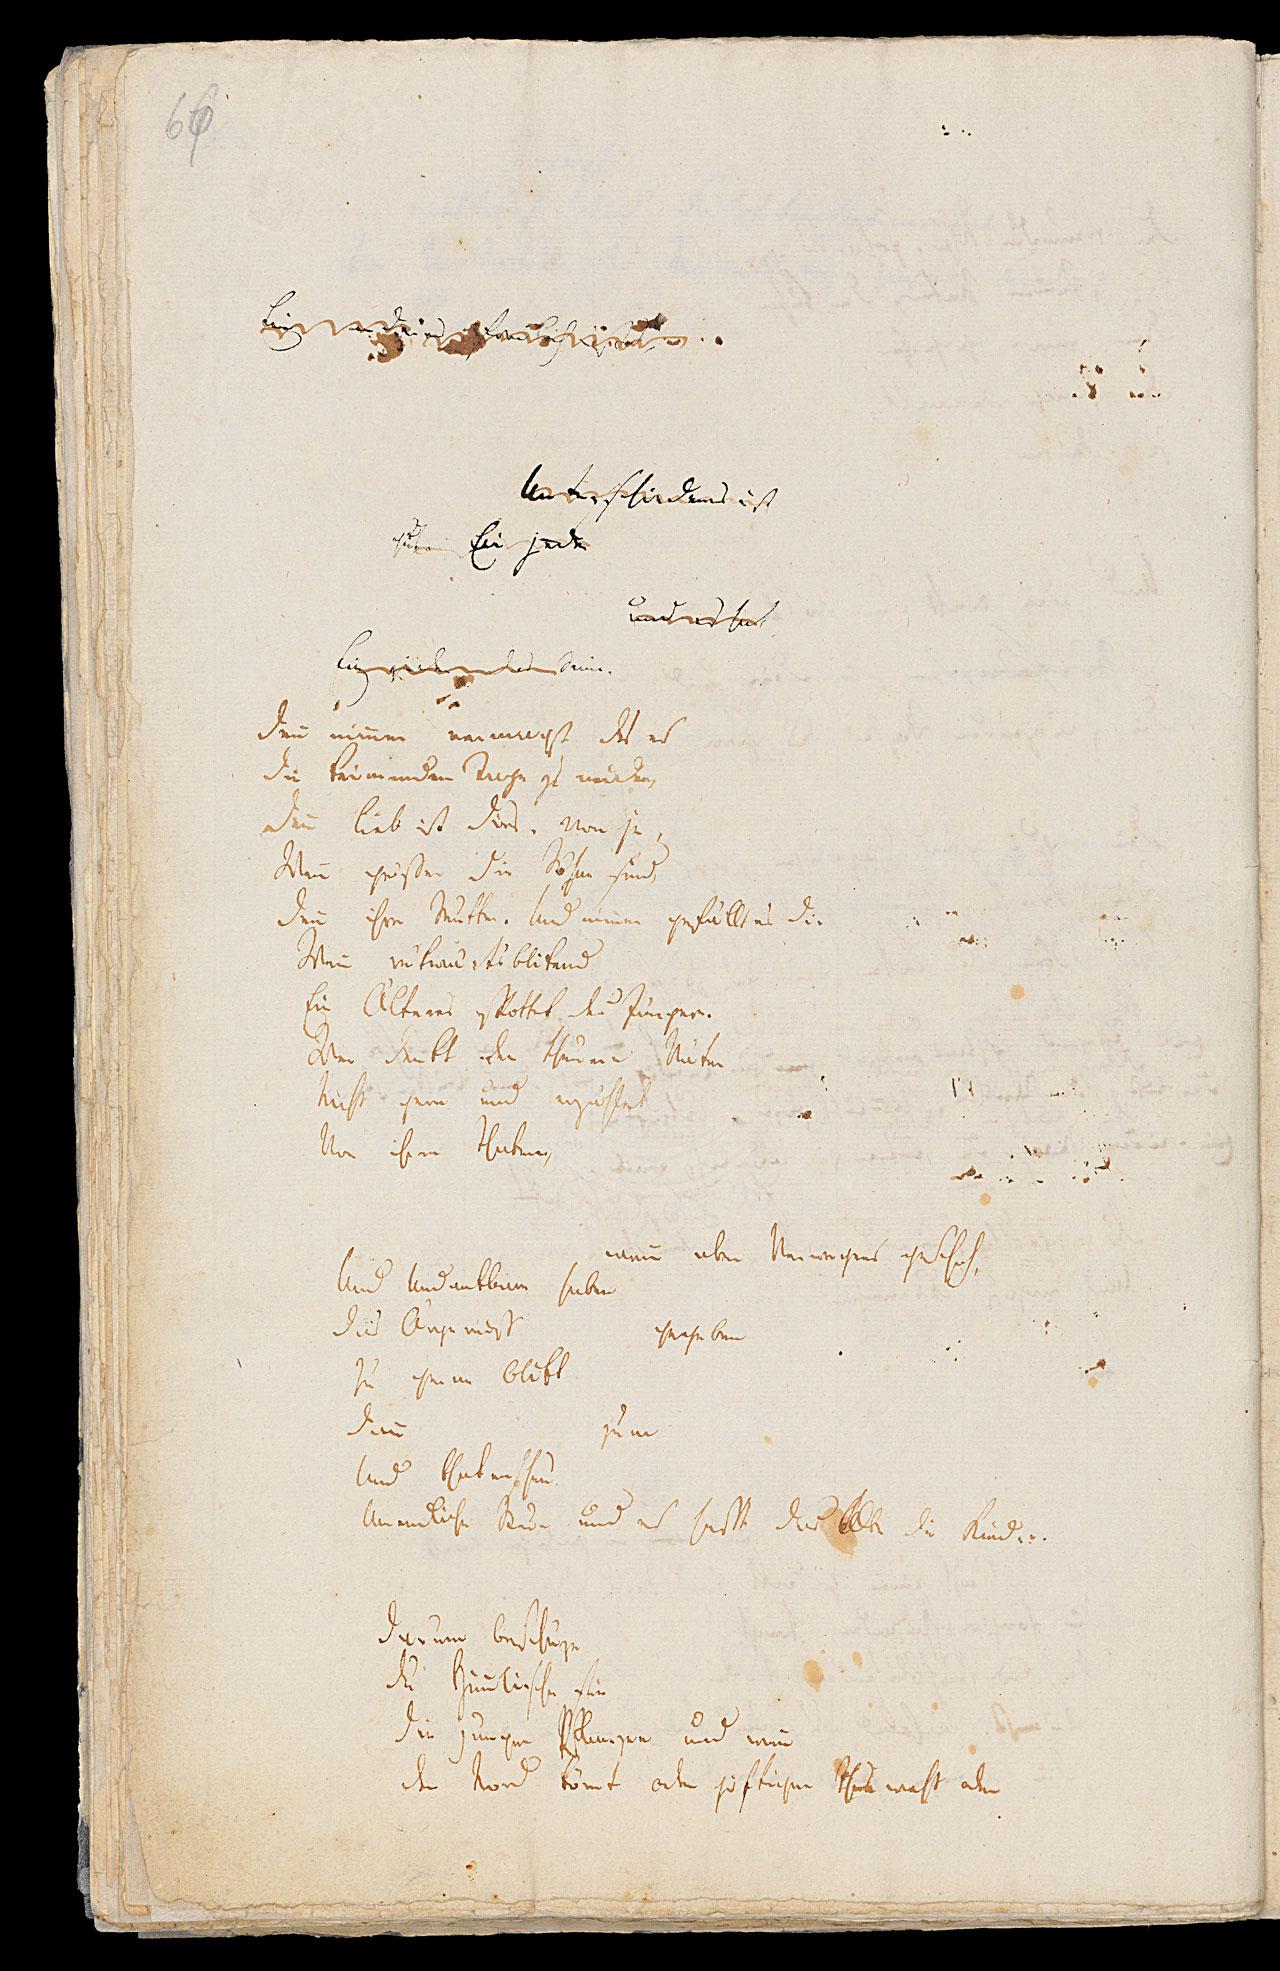 Friedrich Hölderlin, Homburger Folioheft, Seite 66, Viel hab' ich dein…, Handschrift